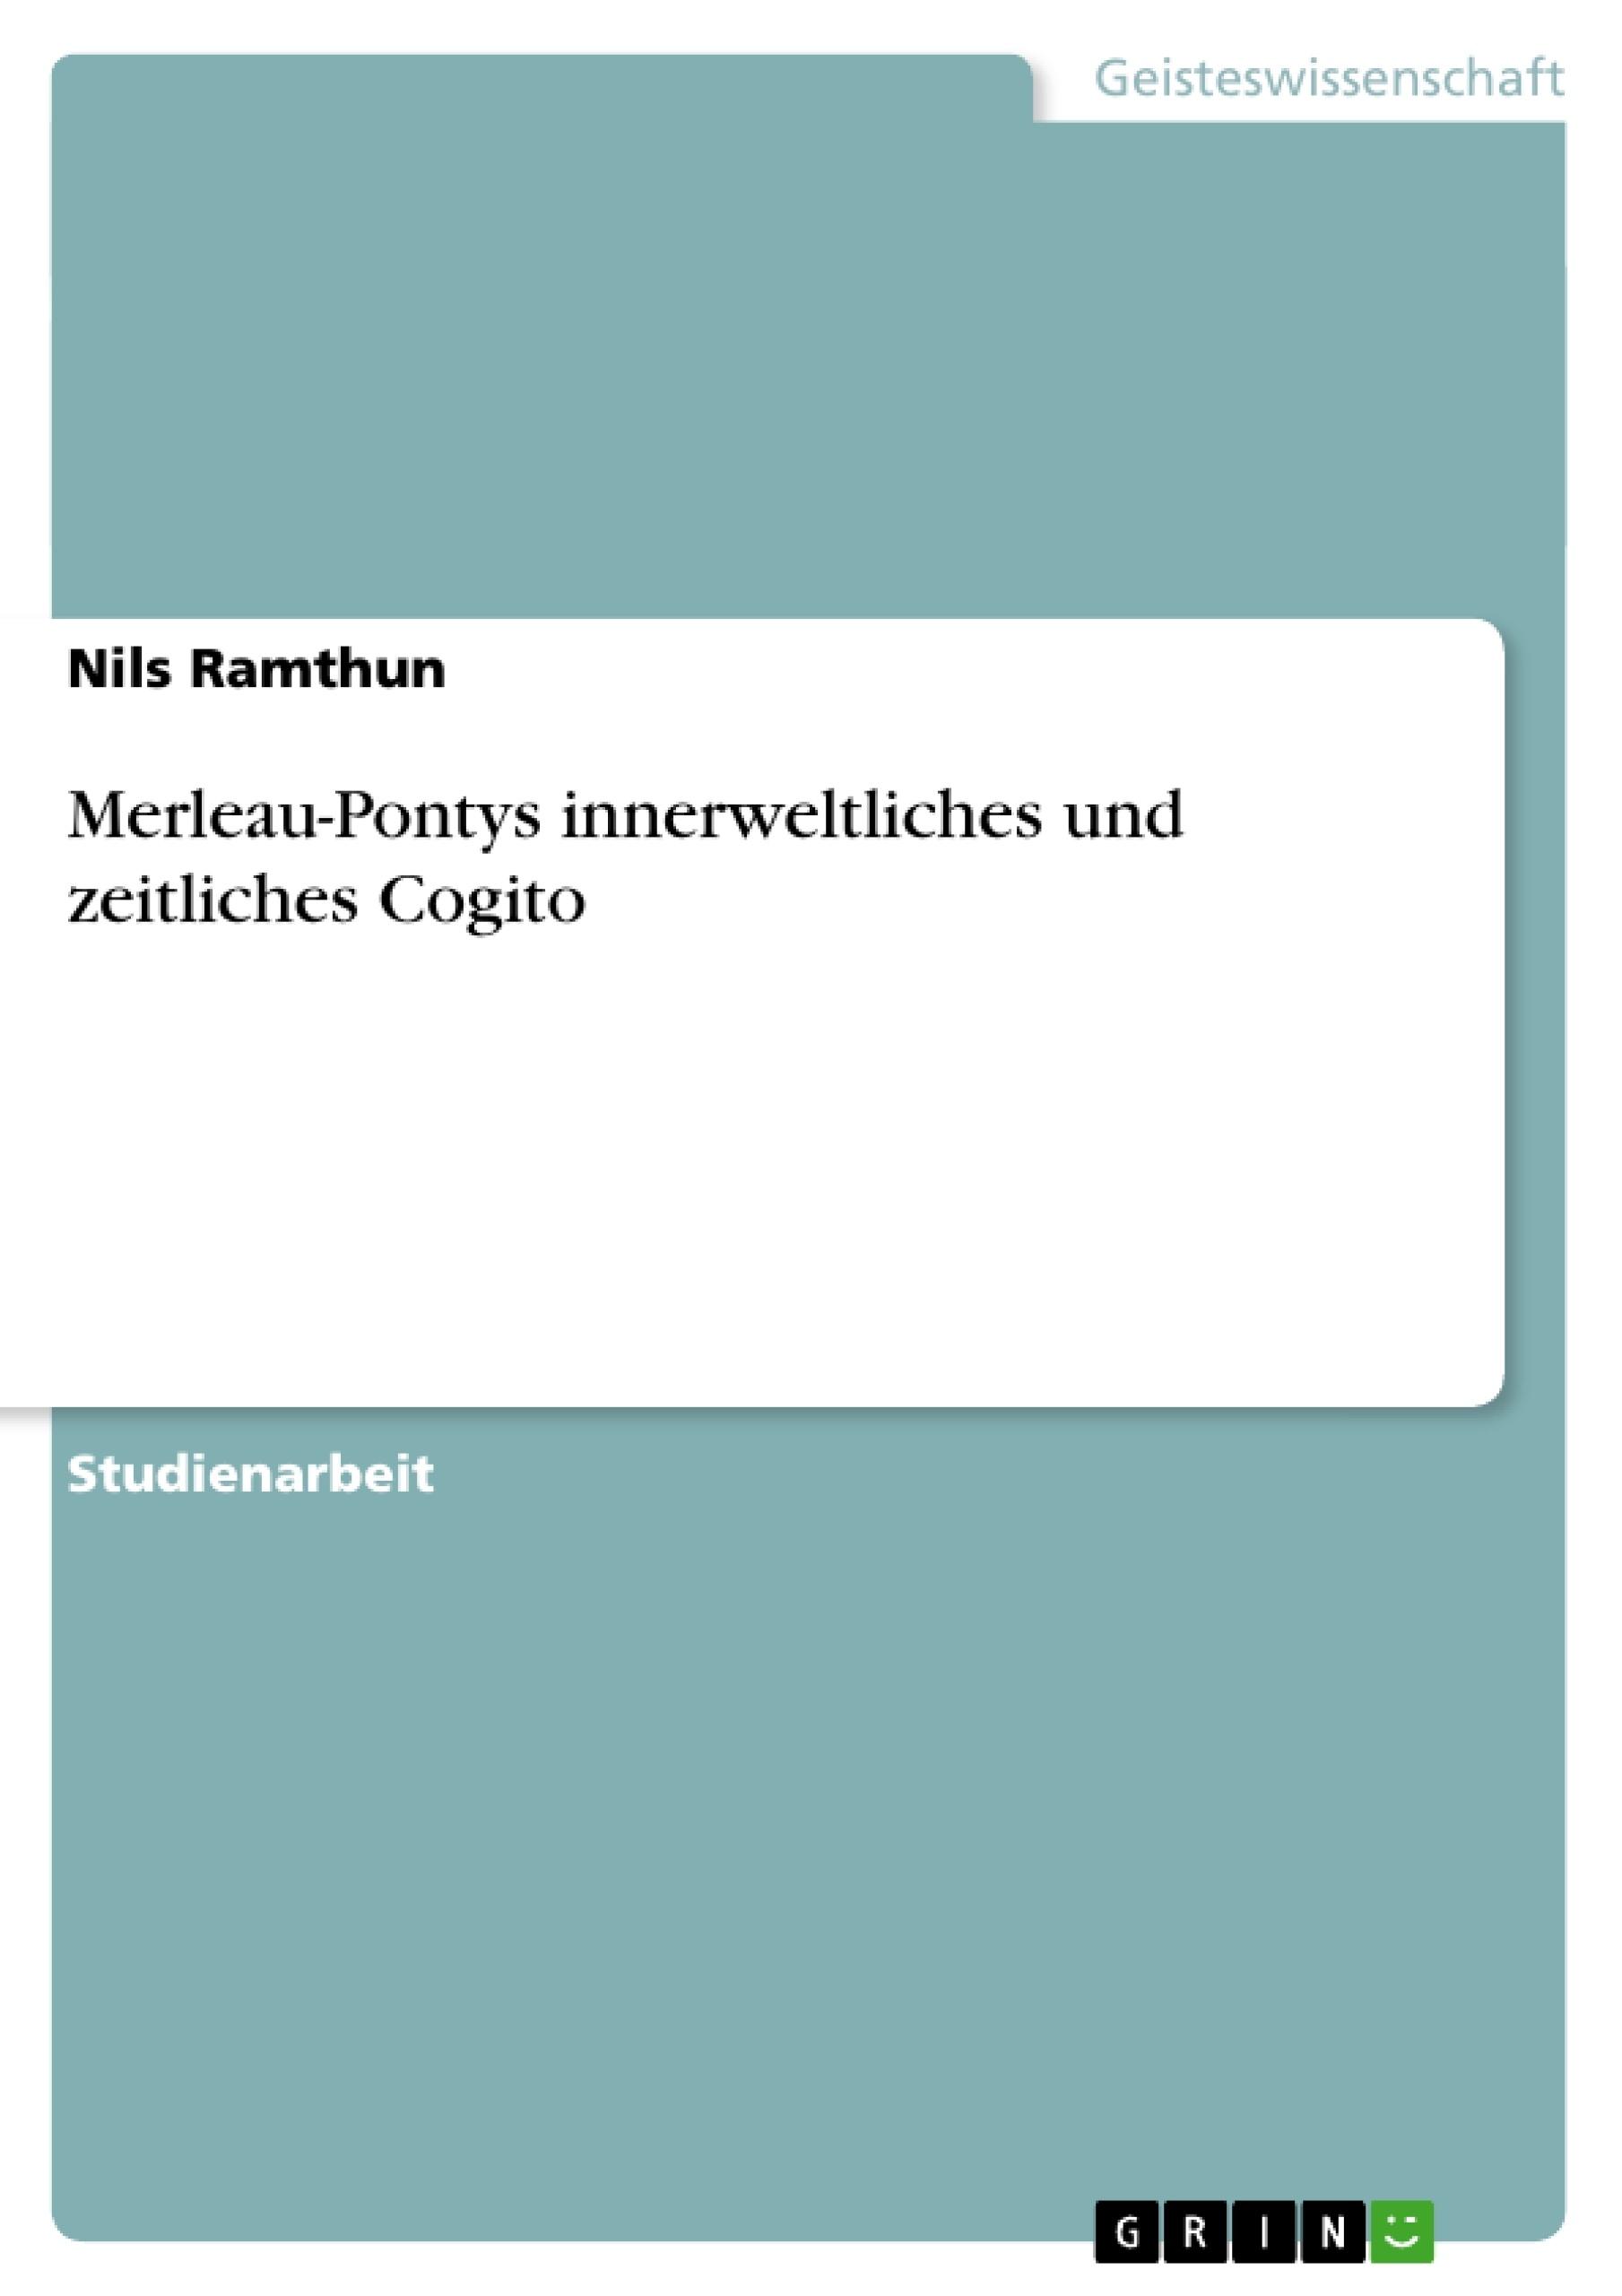 Titel: Merleau-Pontys innerweltliches und zeitliches Cogito